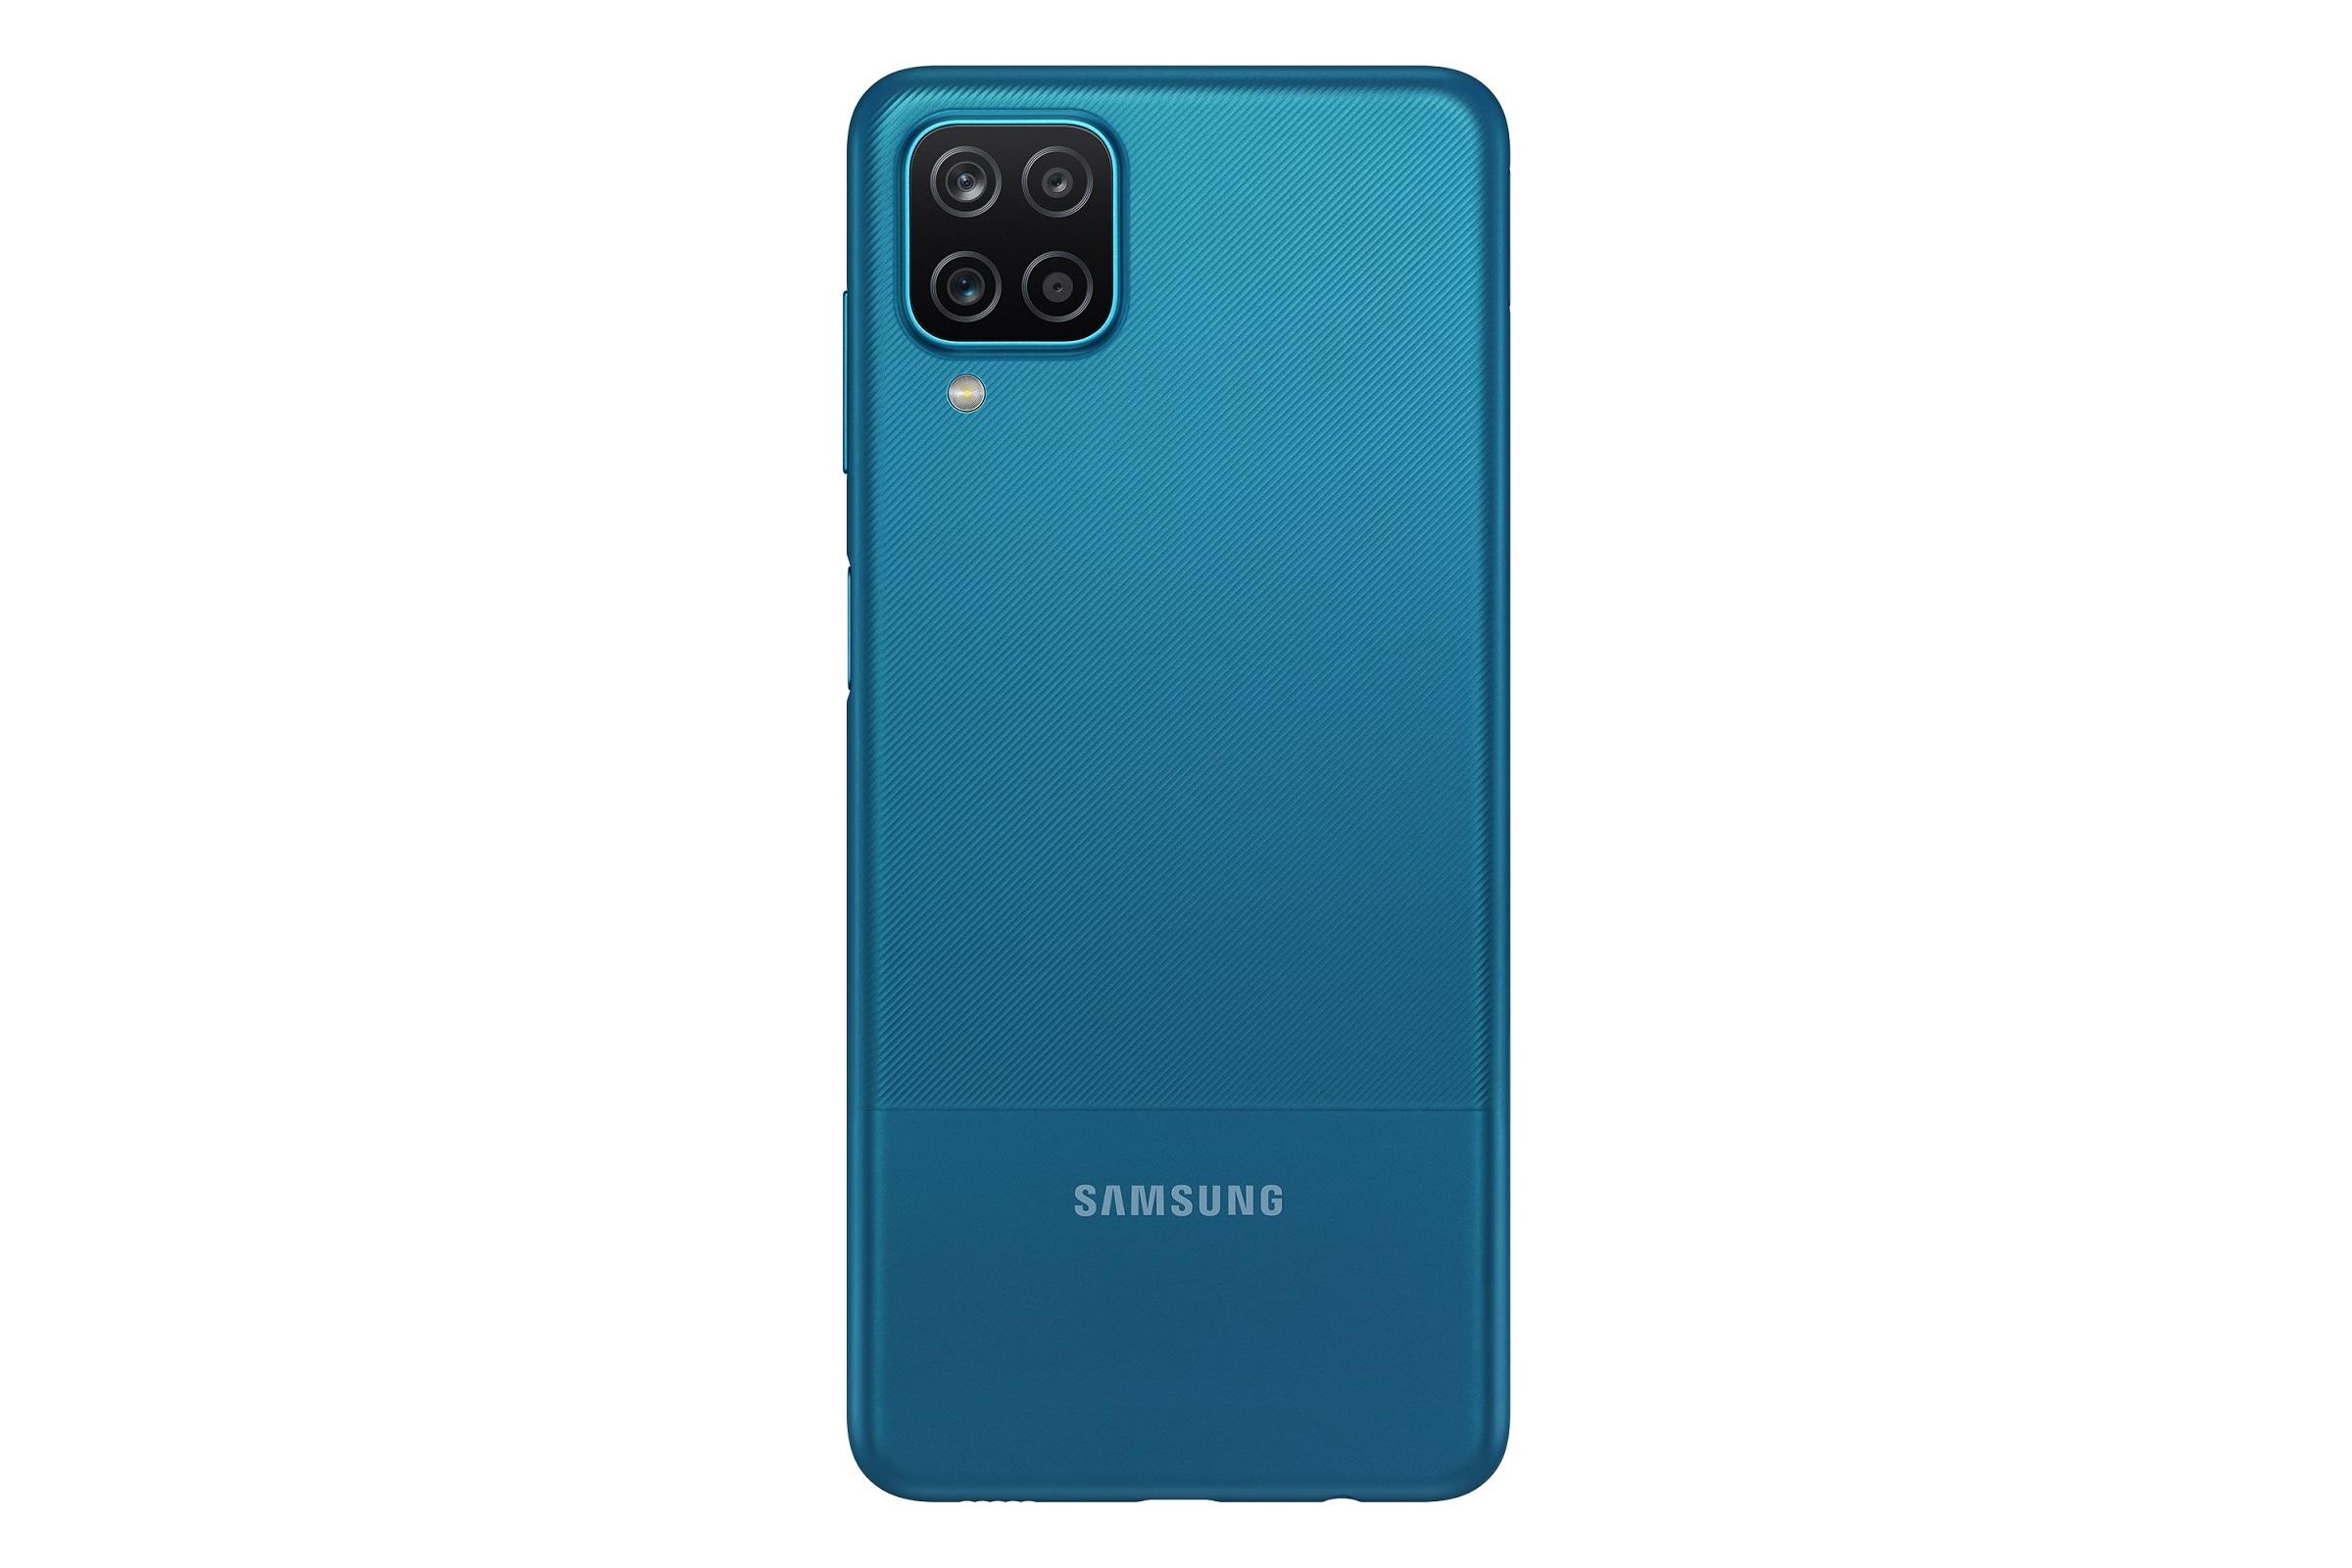 Samsung Galaxy A12 SM-A125 Blue 4+64GB DualSIM